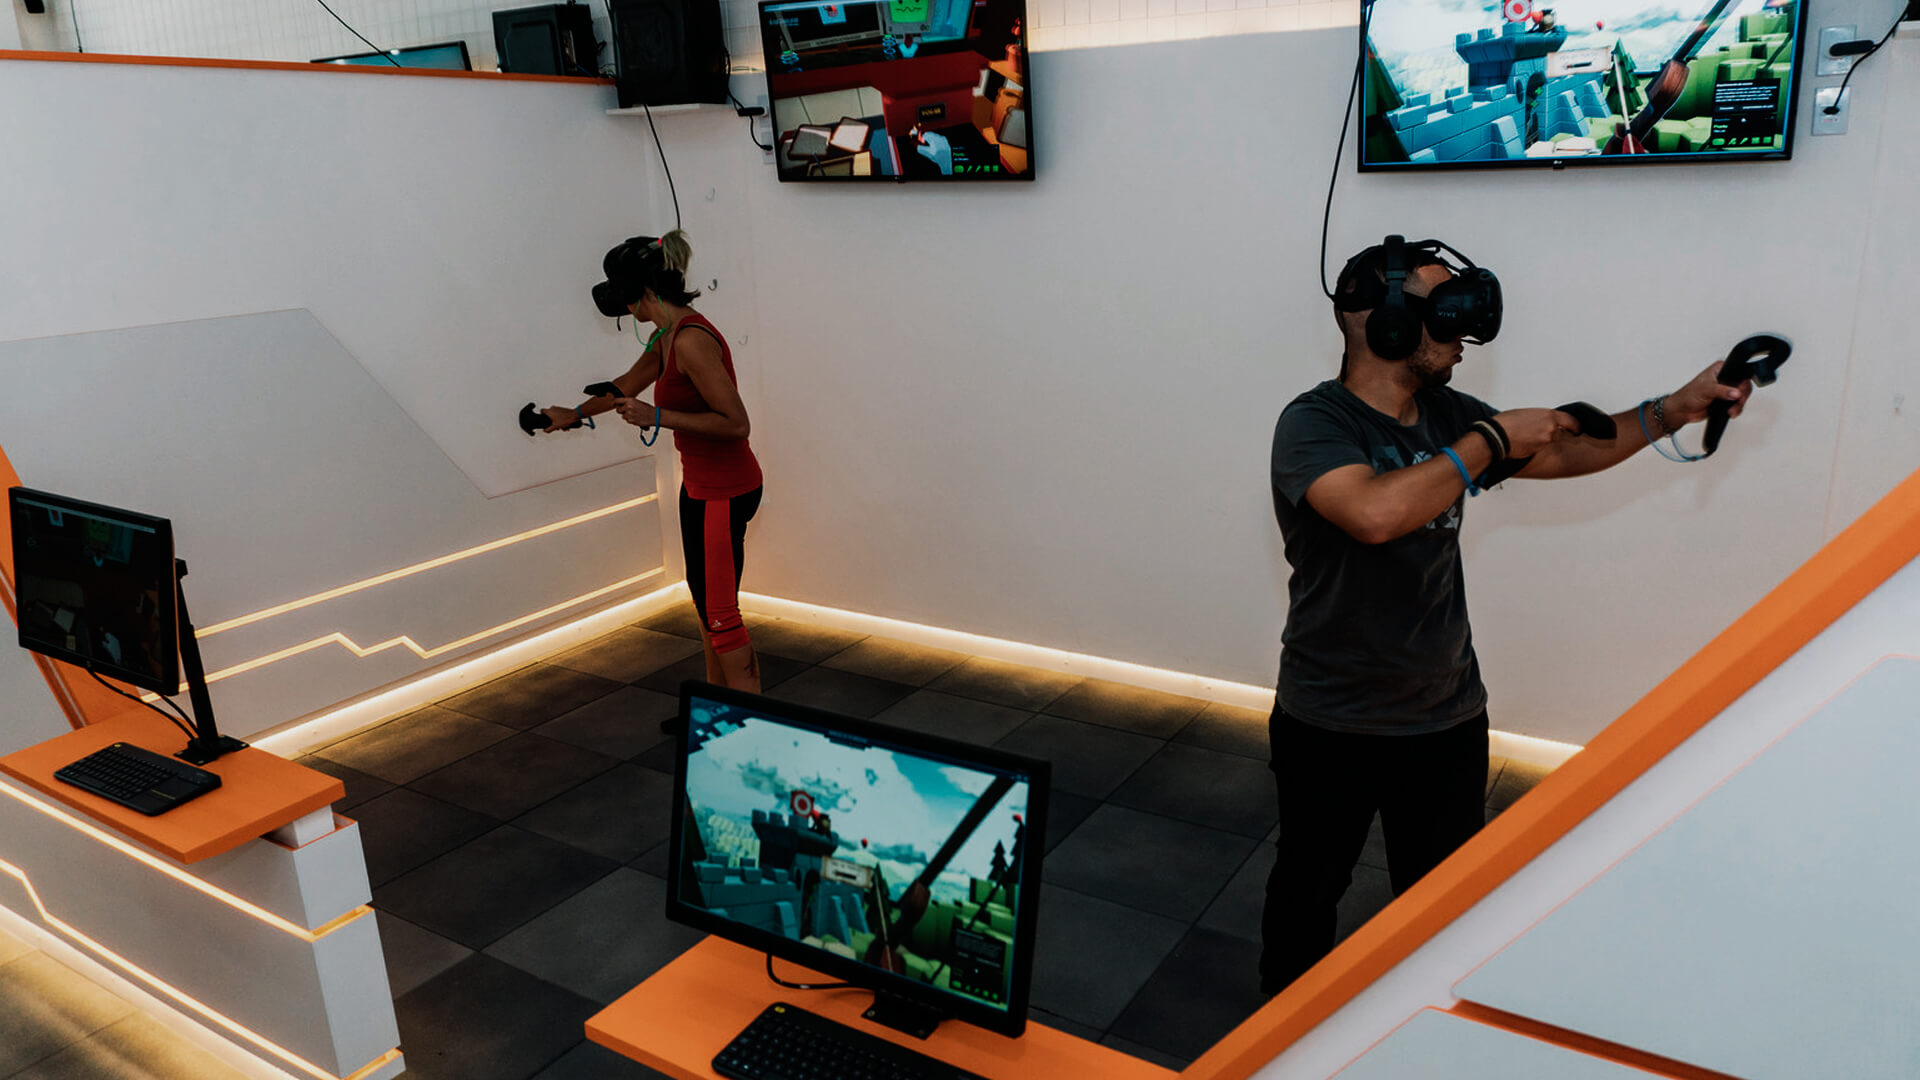 A imagem é atual e mostra um casal utilizando a realidade virtual para jogar. O ambiente é uma sala com várias telas, parecendo bastante uma exposição.